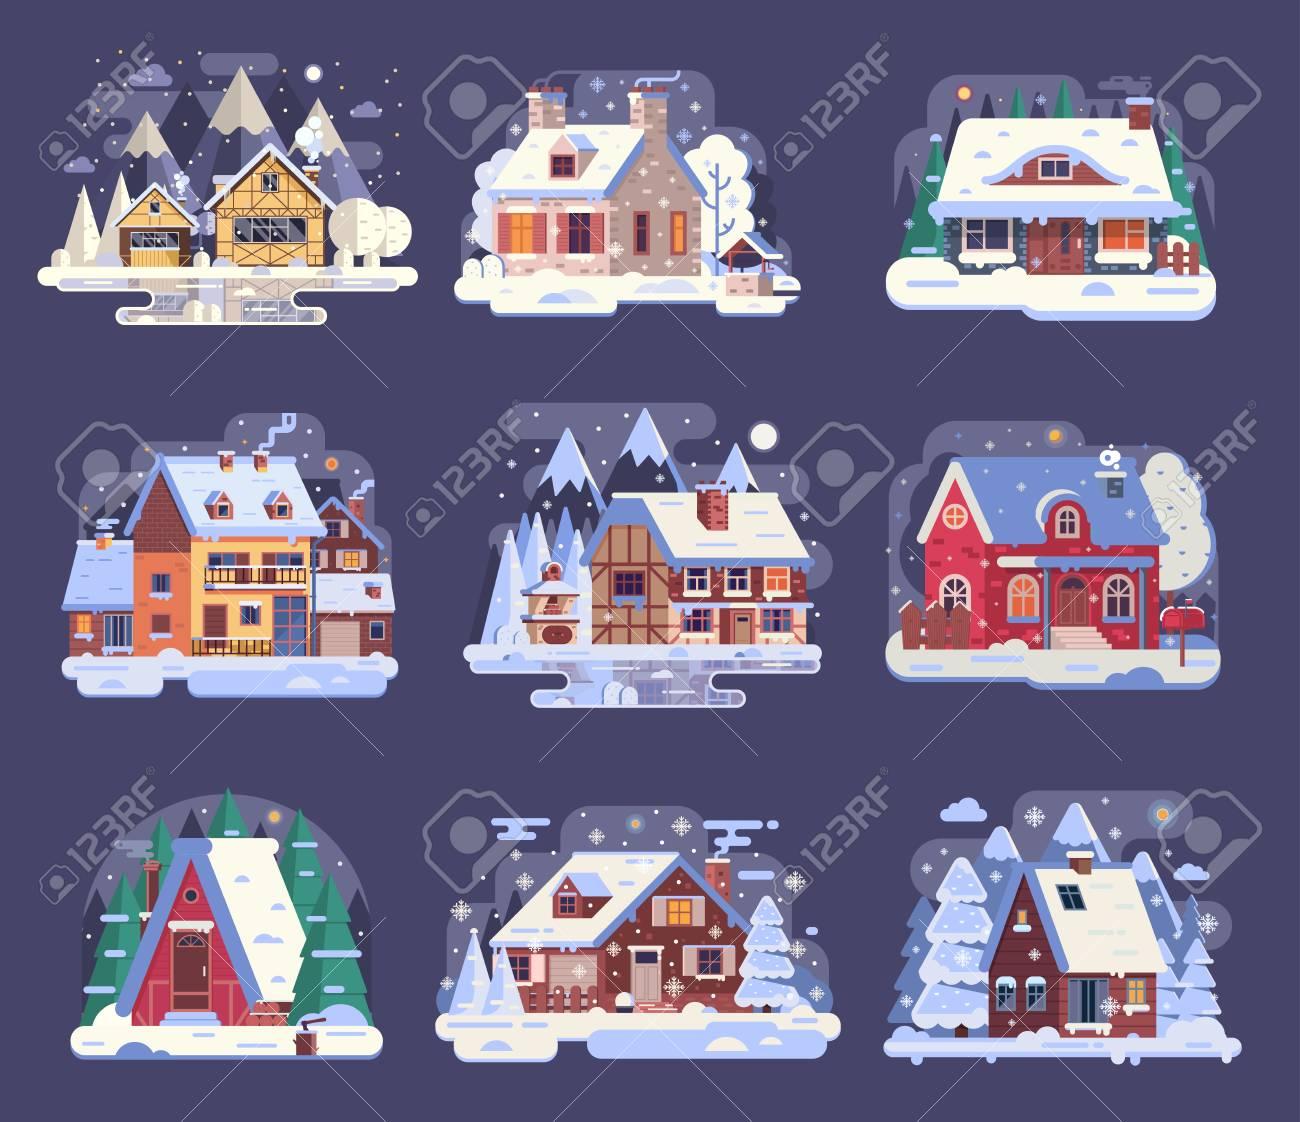 Collection de maisons de campagne et cabines dhiver dessin animé maisons de neige et ensemble de chalets ruraux y compris chalet en bois